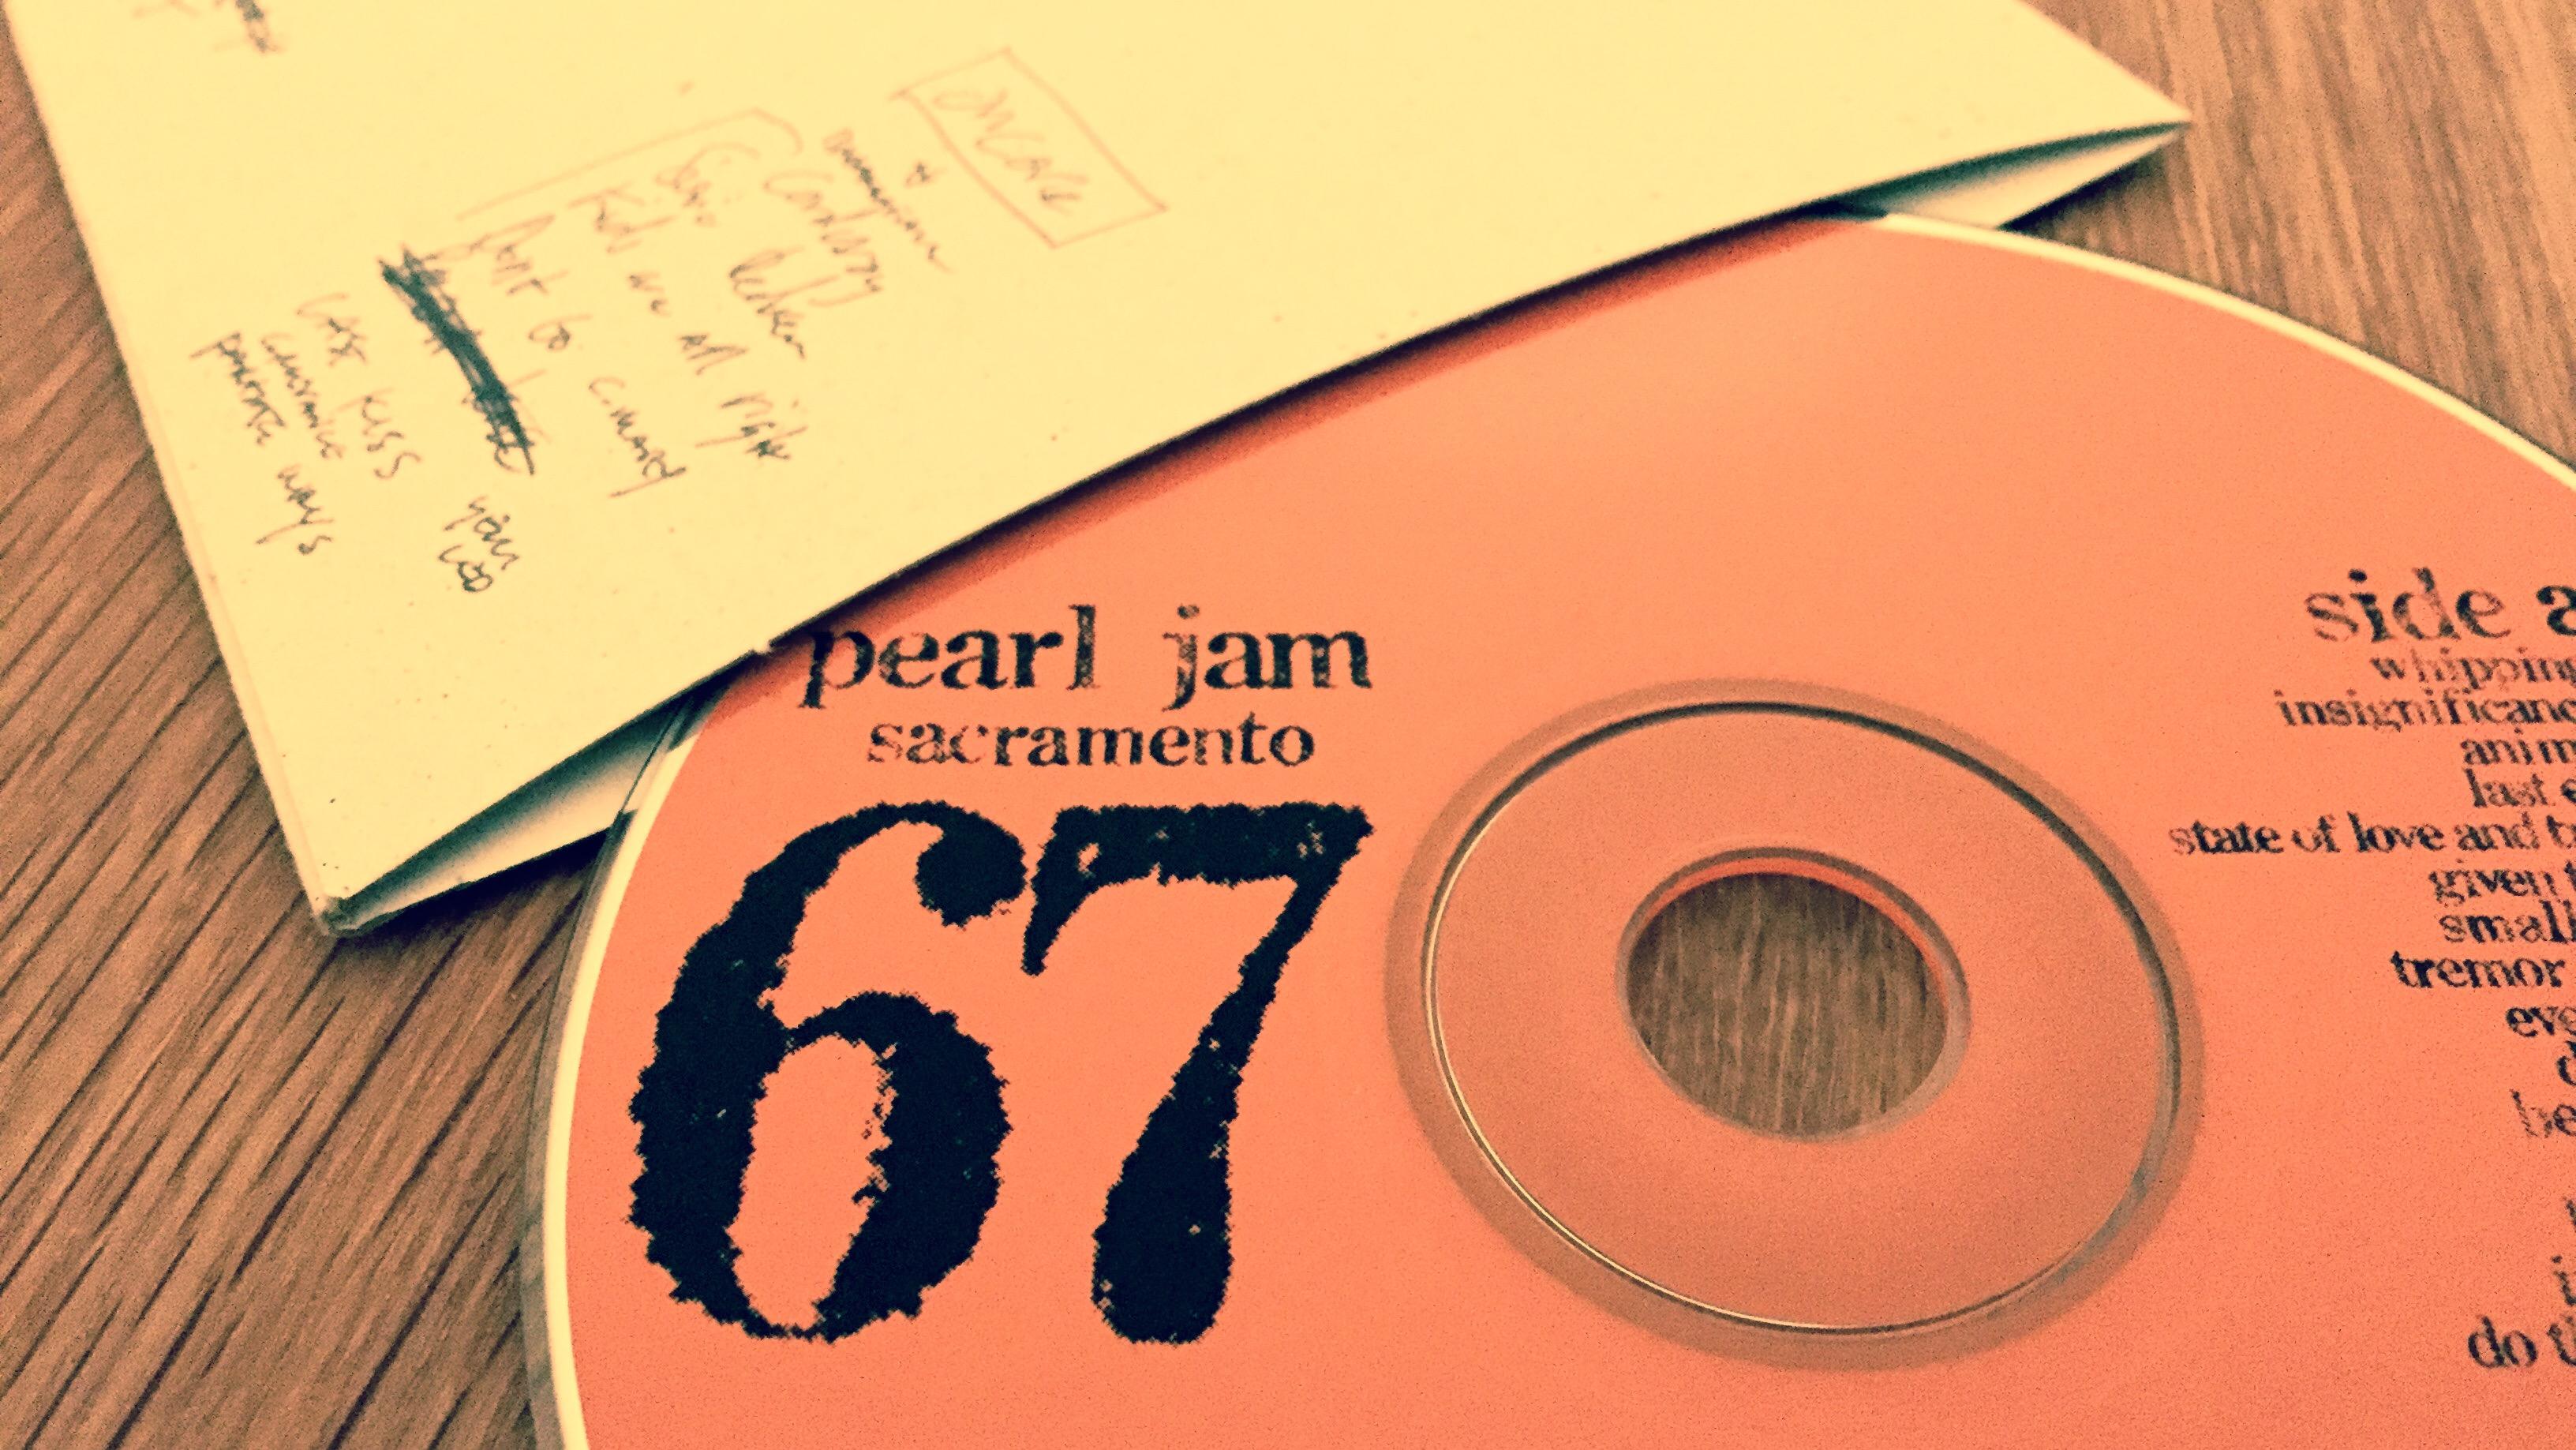 Pearl Jam official bootleg #67 (2001) 10/30/00 Sacramento California